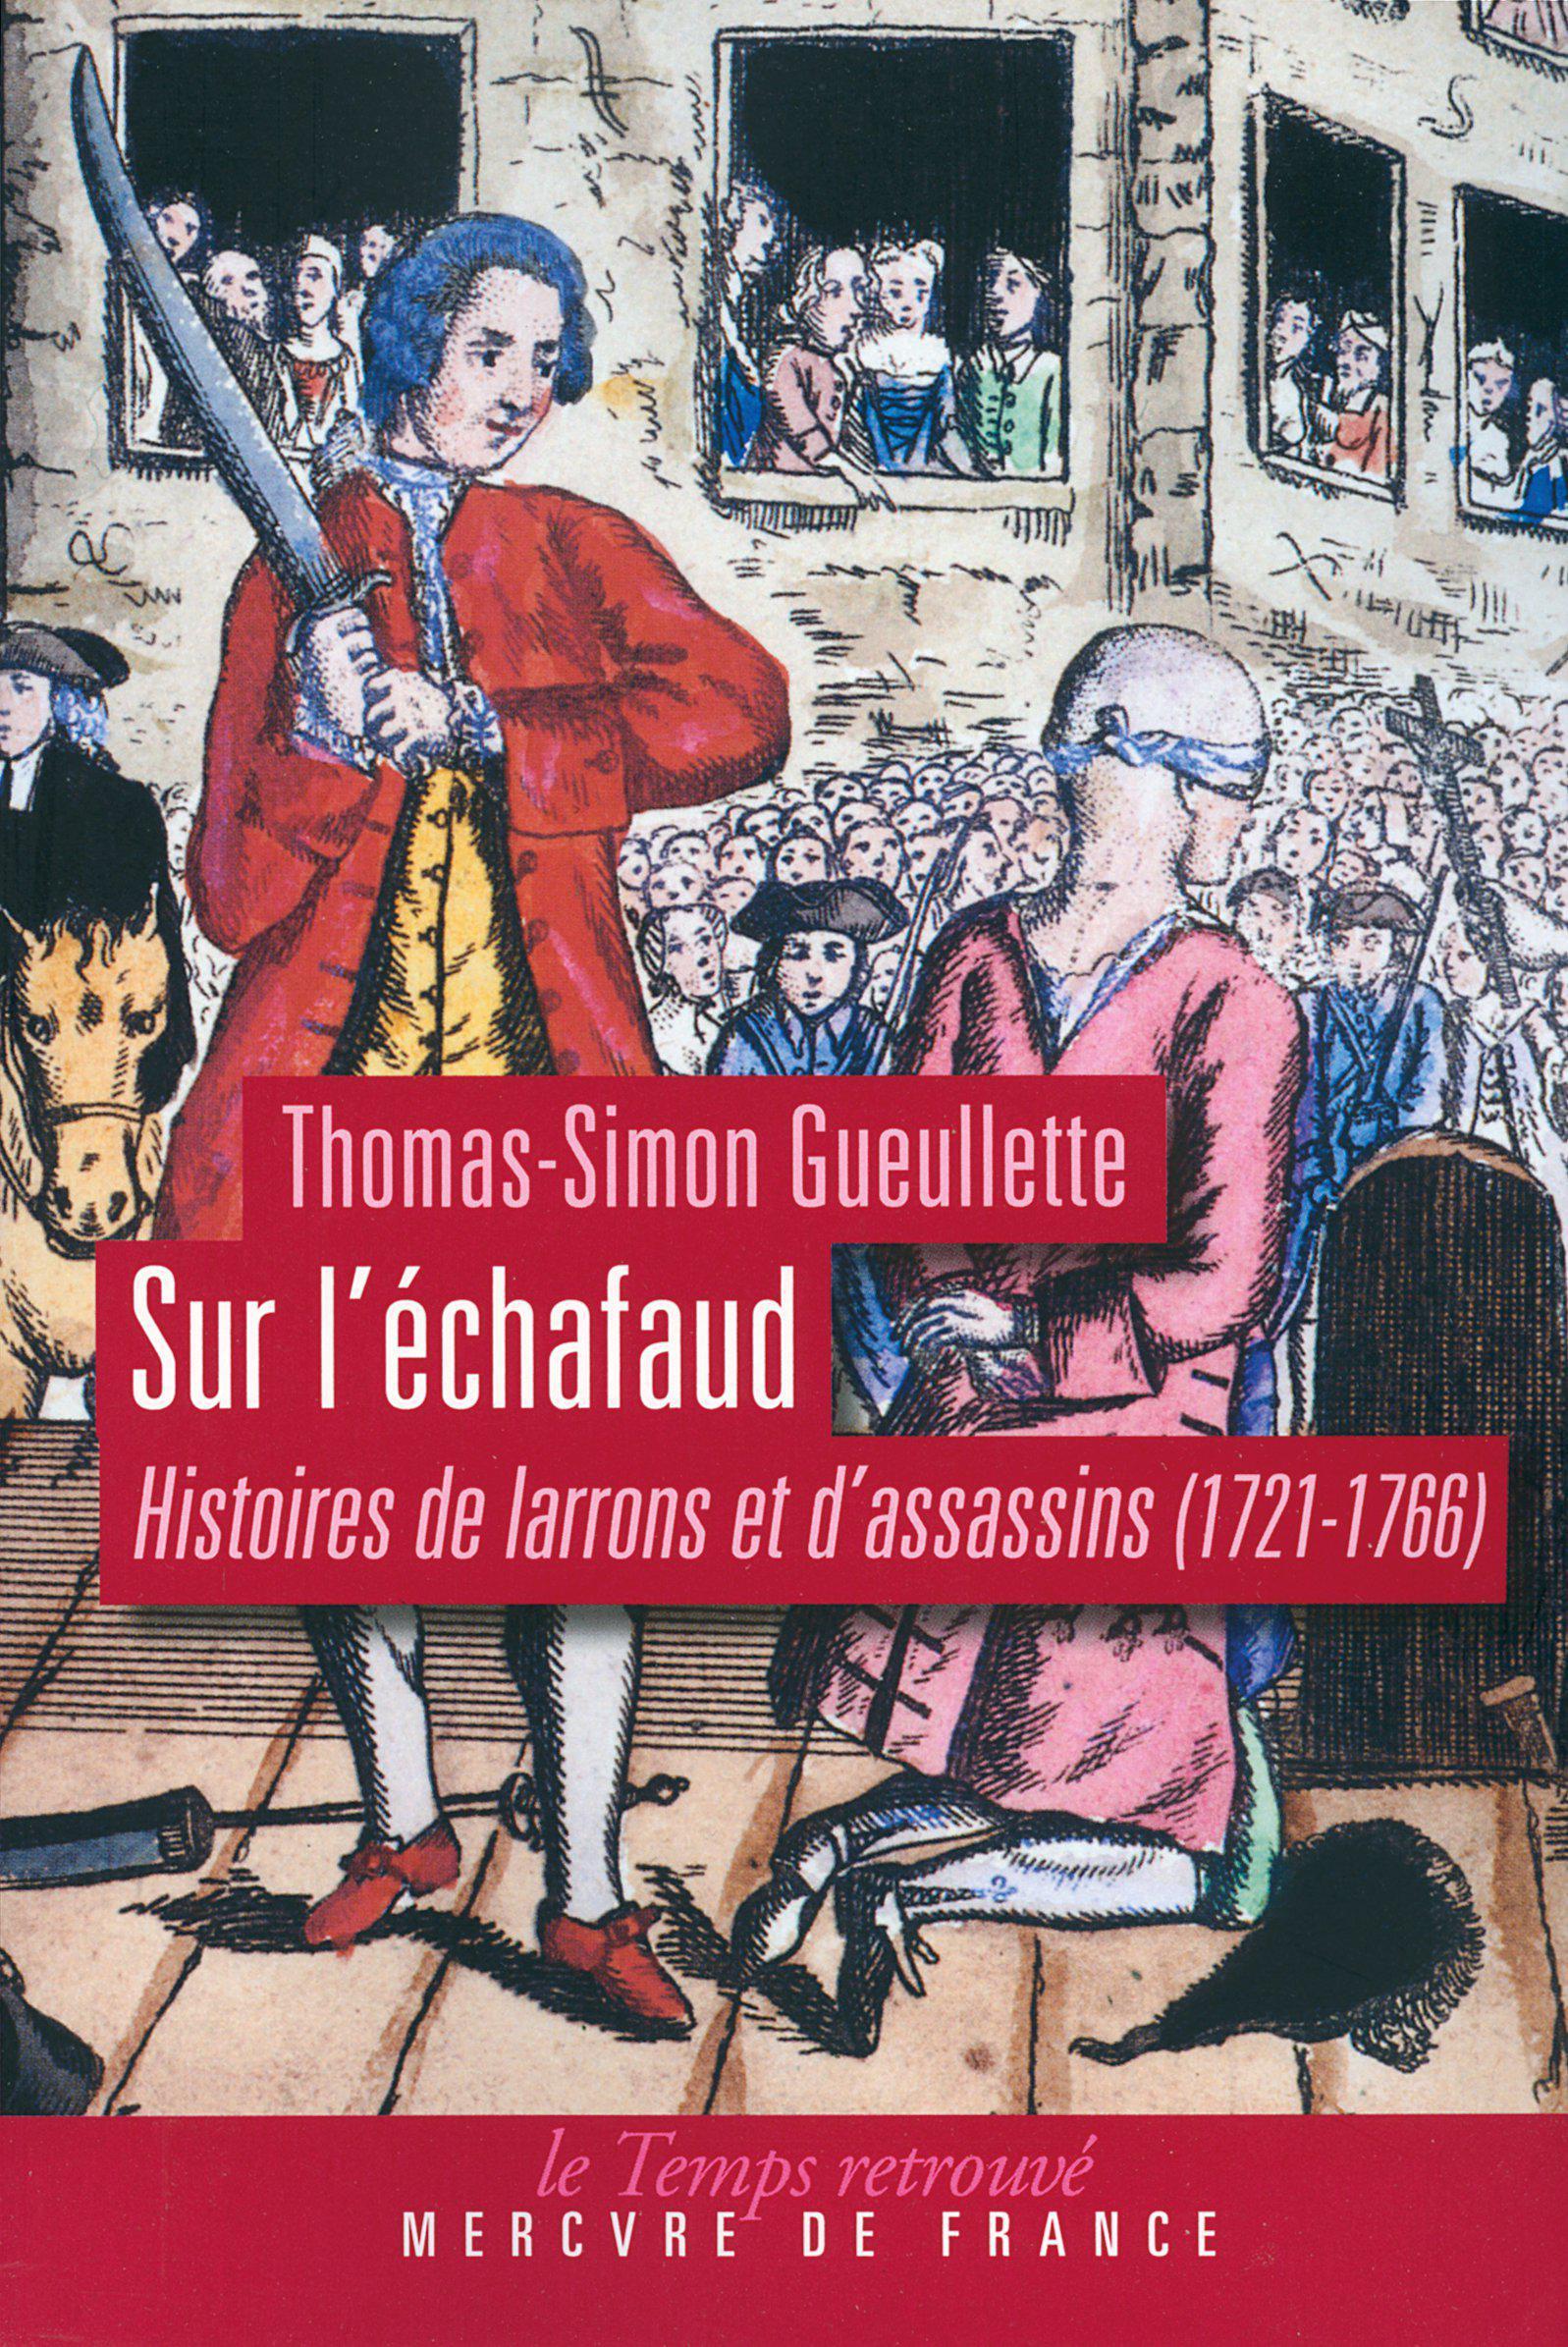 Sur l'échafaud, HISTOIRES DE LARRONS ET D'ASSASSINS (1721-1766)